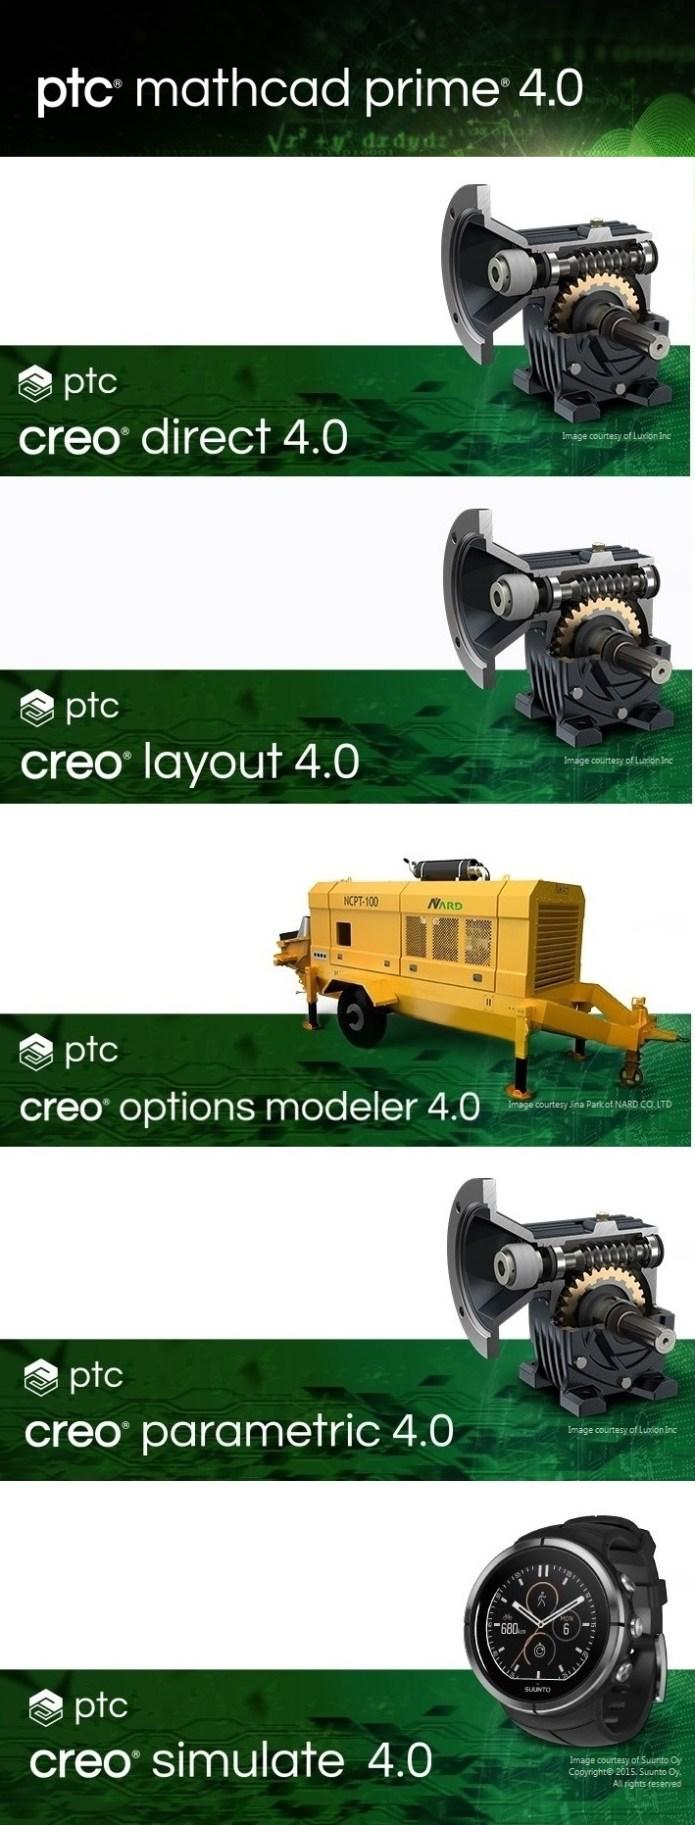 PTC Creo 4.0 M120 x64 full crack forever